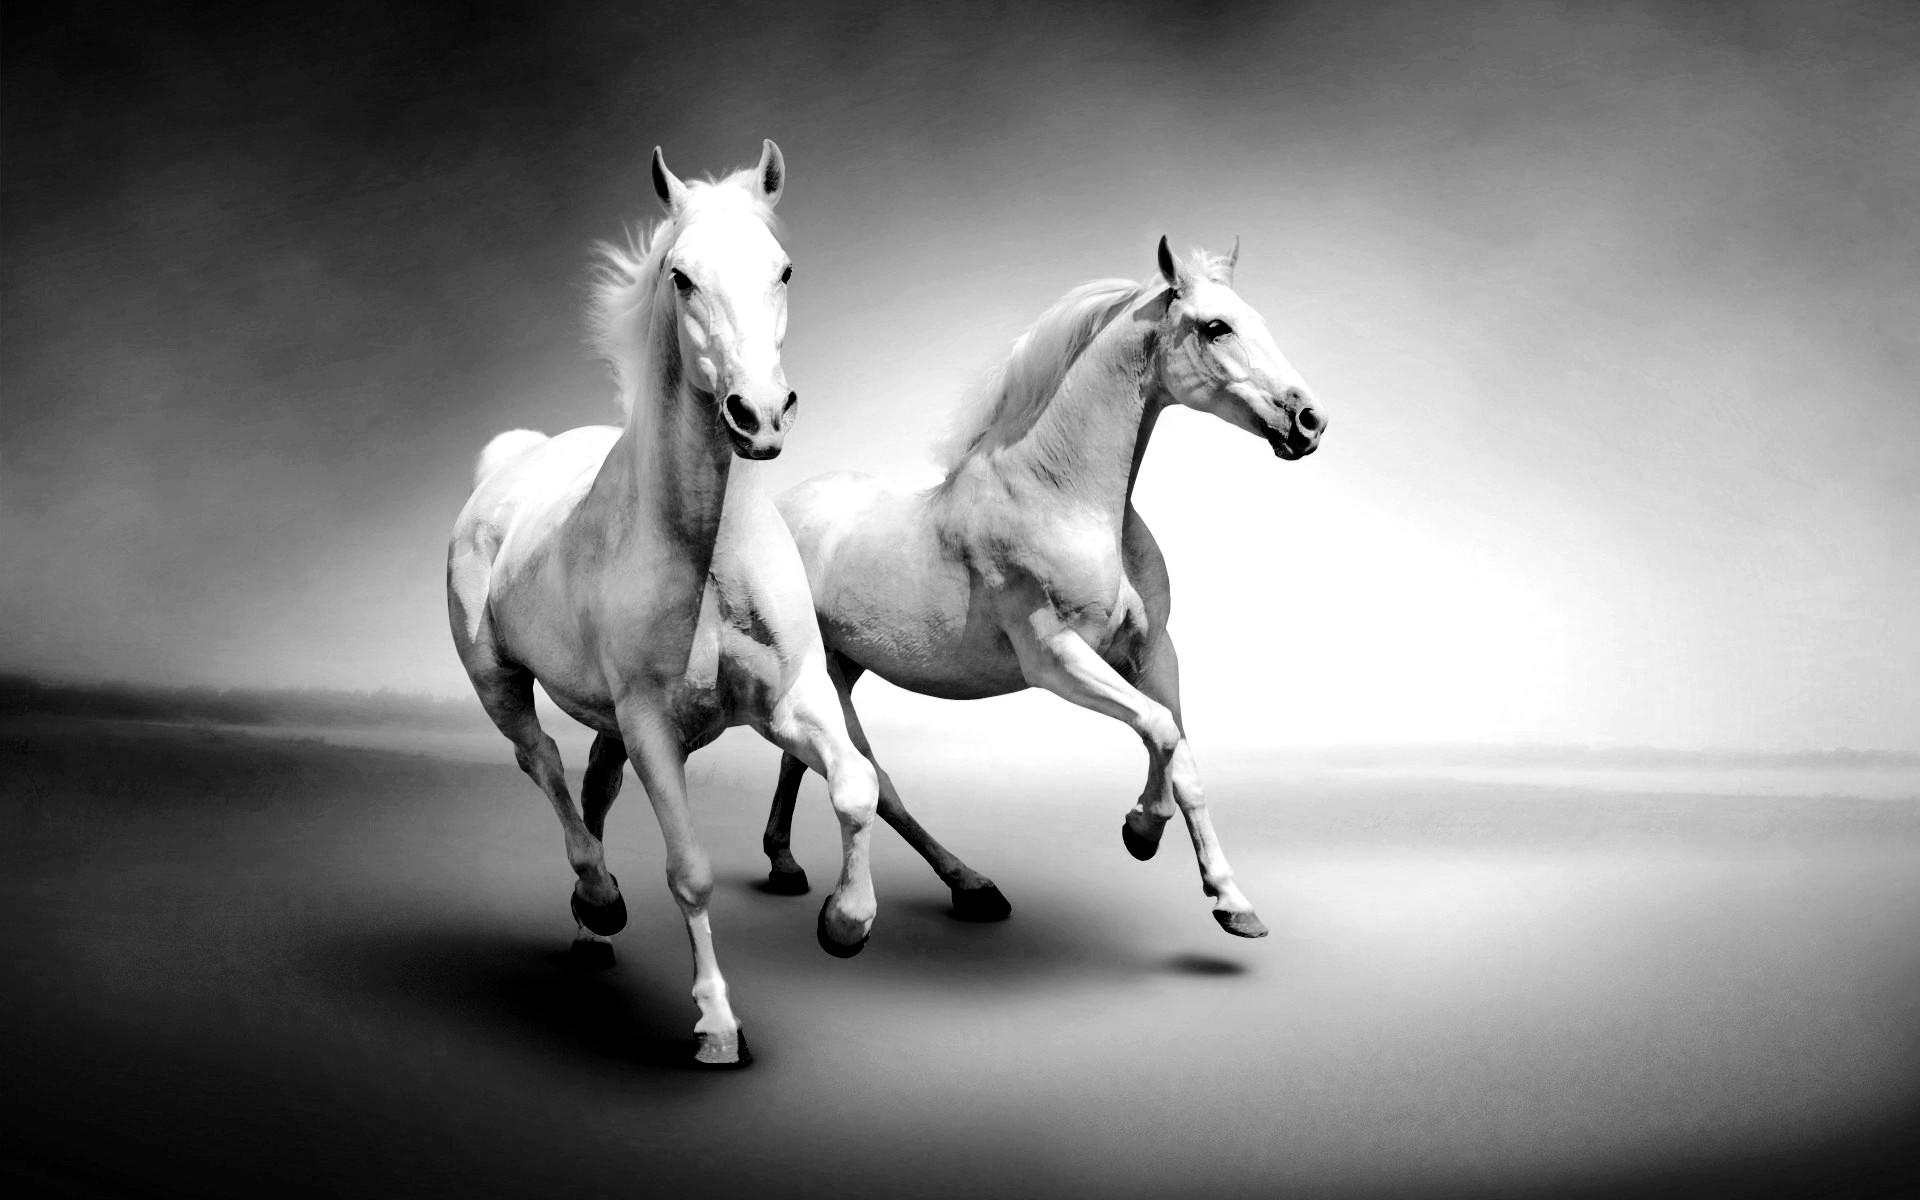 черно белые картинки лошадь